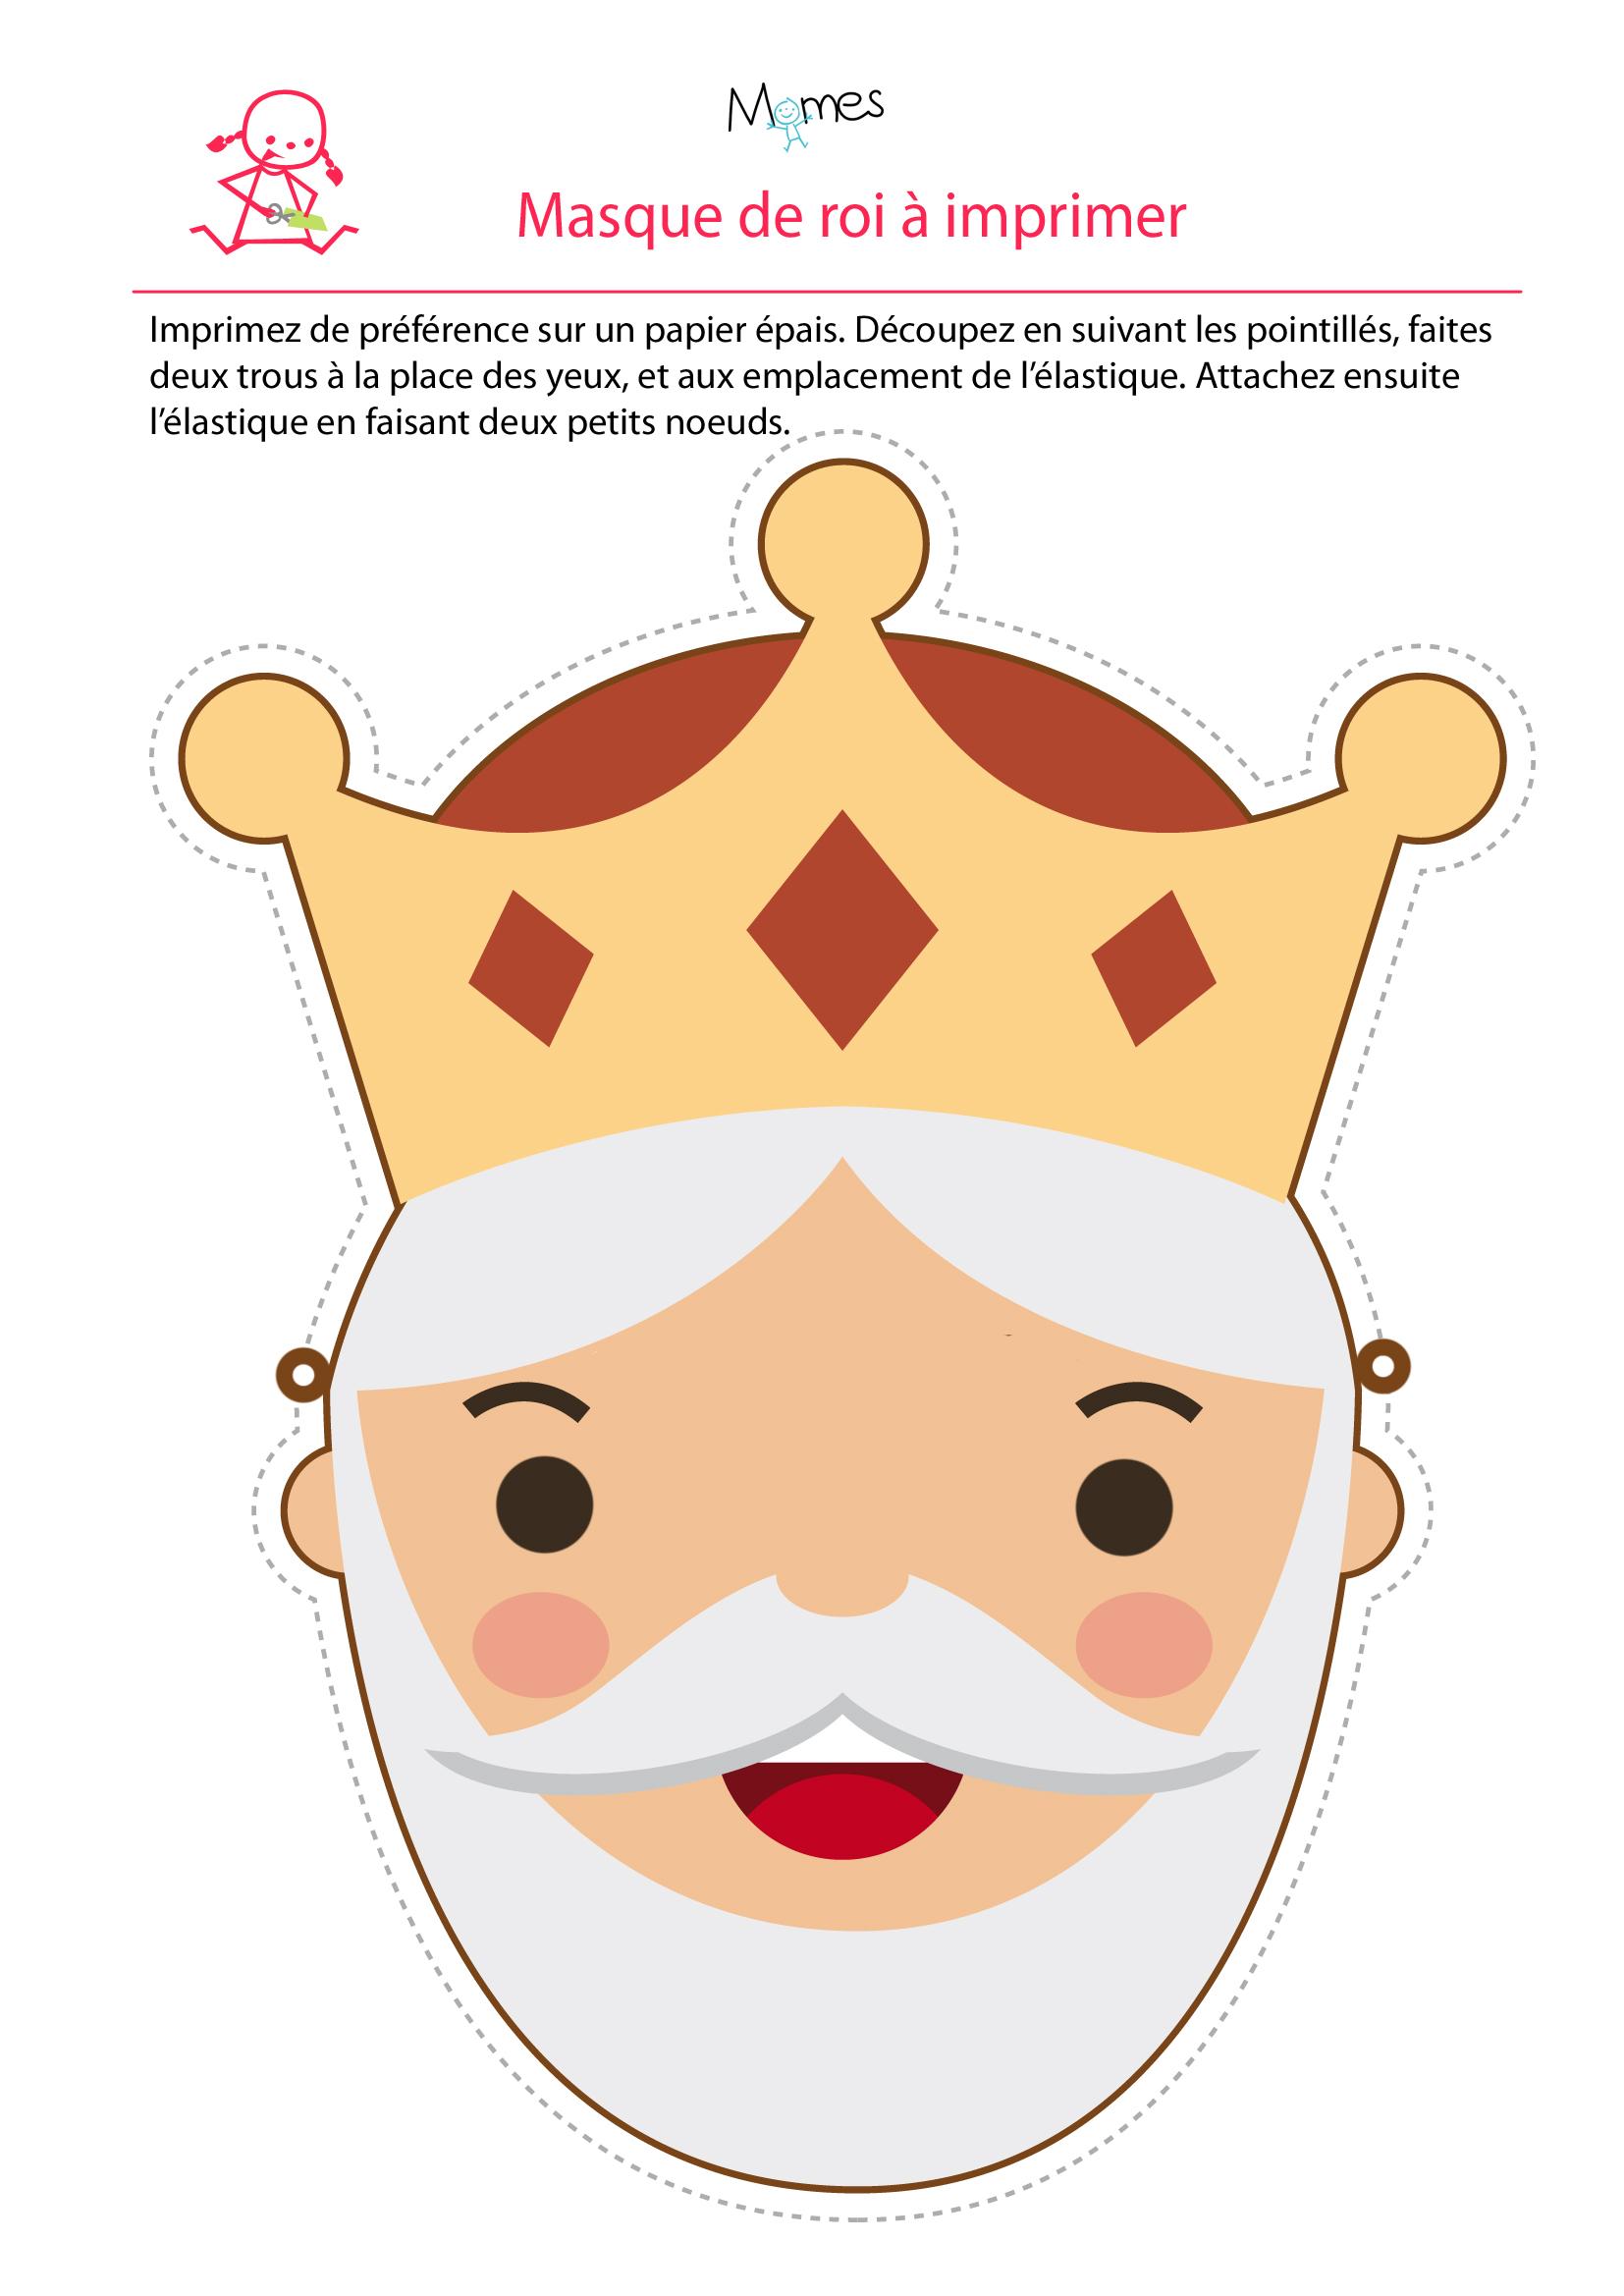 Masque de roi